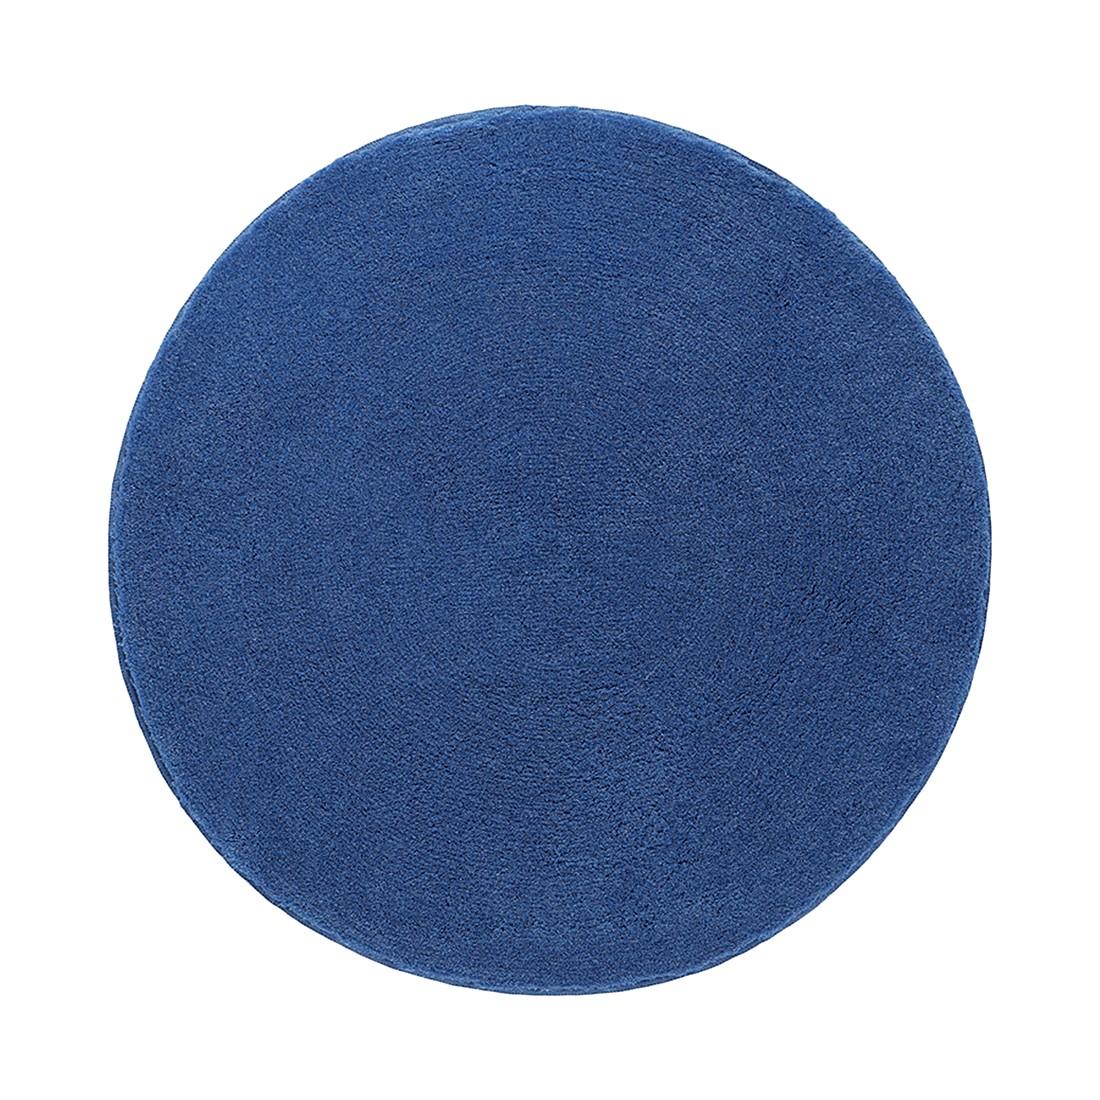 Badteppich Comfort -Blau – Rund, Grund online kaufen